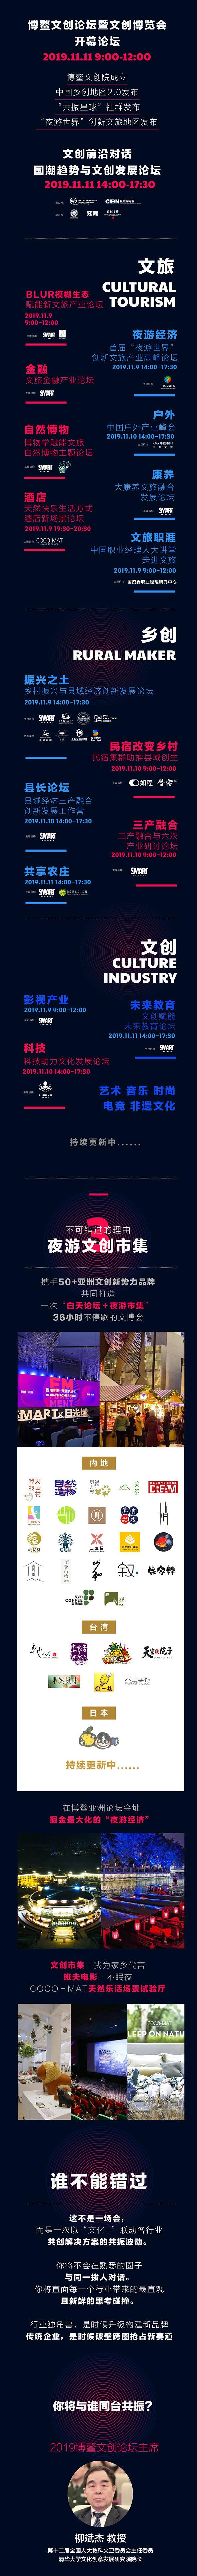 开启文旅创新之旅,首届博鳌文创论坛暨文创博览会将于11月9-11日在博鳌启幕插图(1)